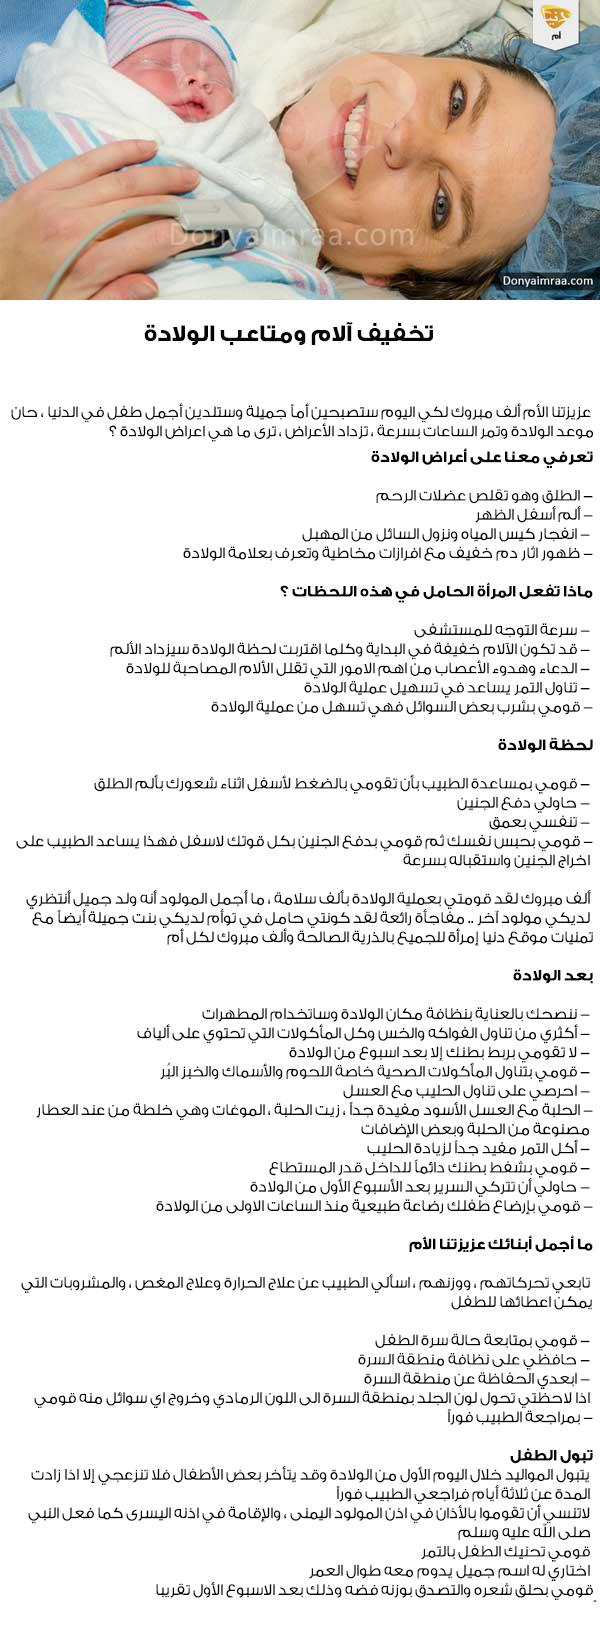 الولادة آم متاعب حمل أم جنين حديث الولادة دنيا امرأة كويت كويتيات كويتي دبي الامارات السعودية قطر Kuwait Words Word Search Puzzle Word Search